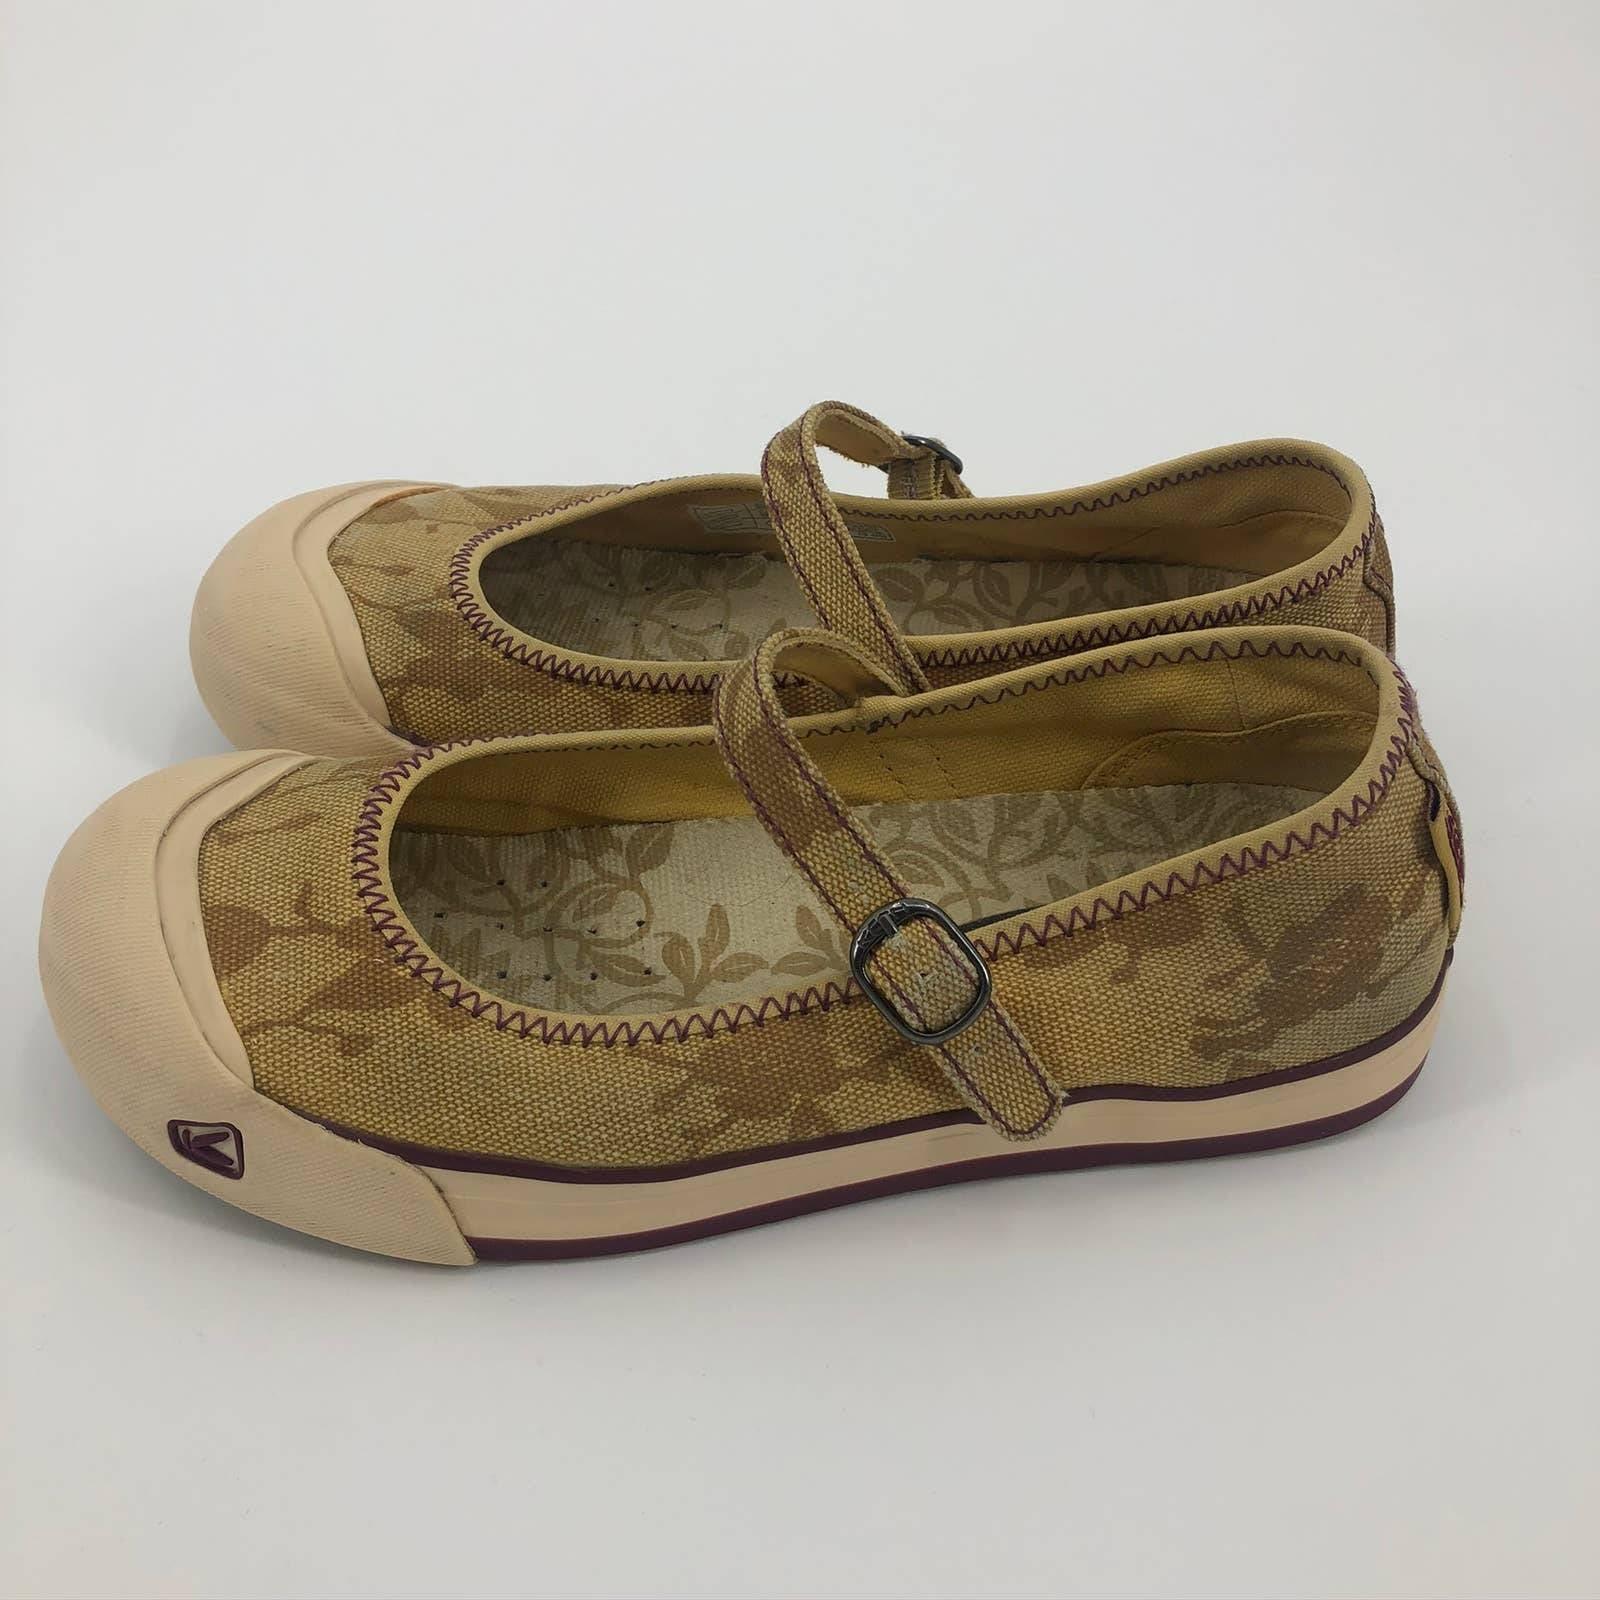 Keen Coronado Women 9 Mary Janes Sneaker